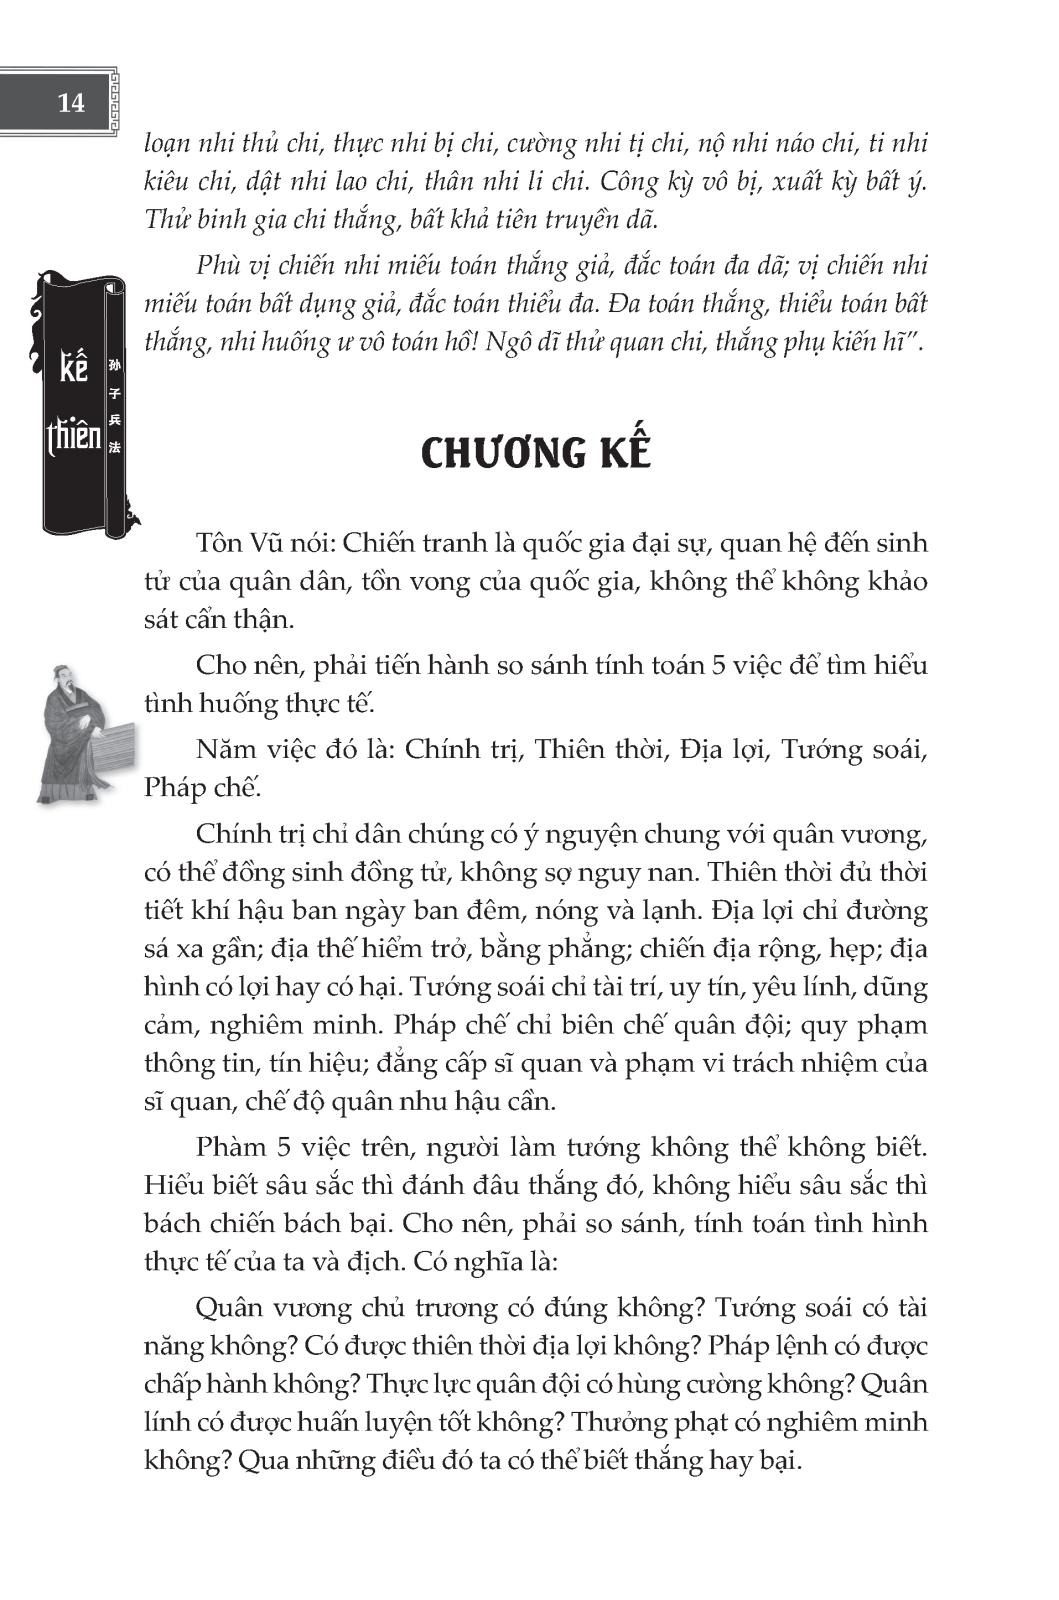 Tôn tử Binh pháp và 36 kế (bìa mềm)